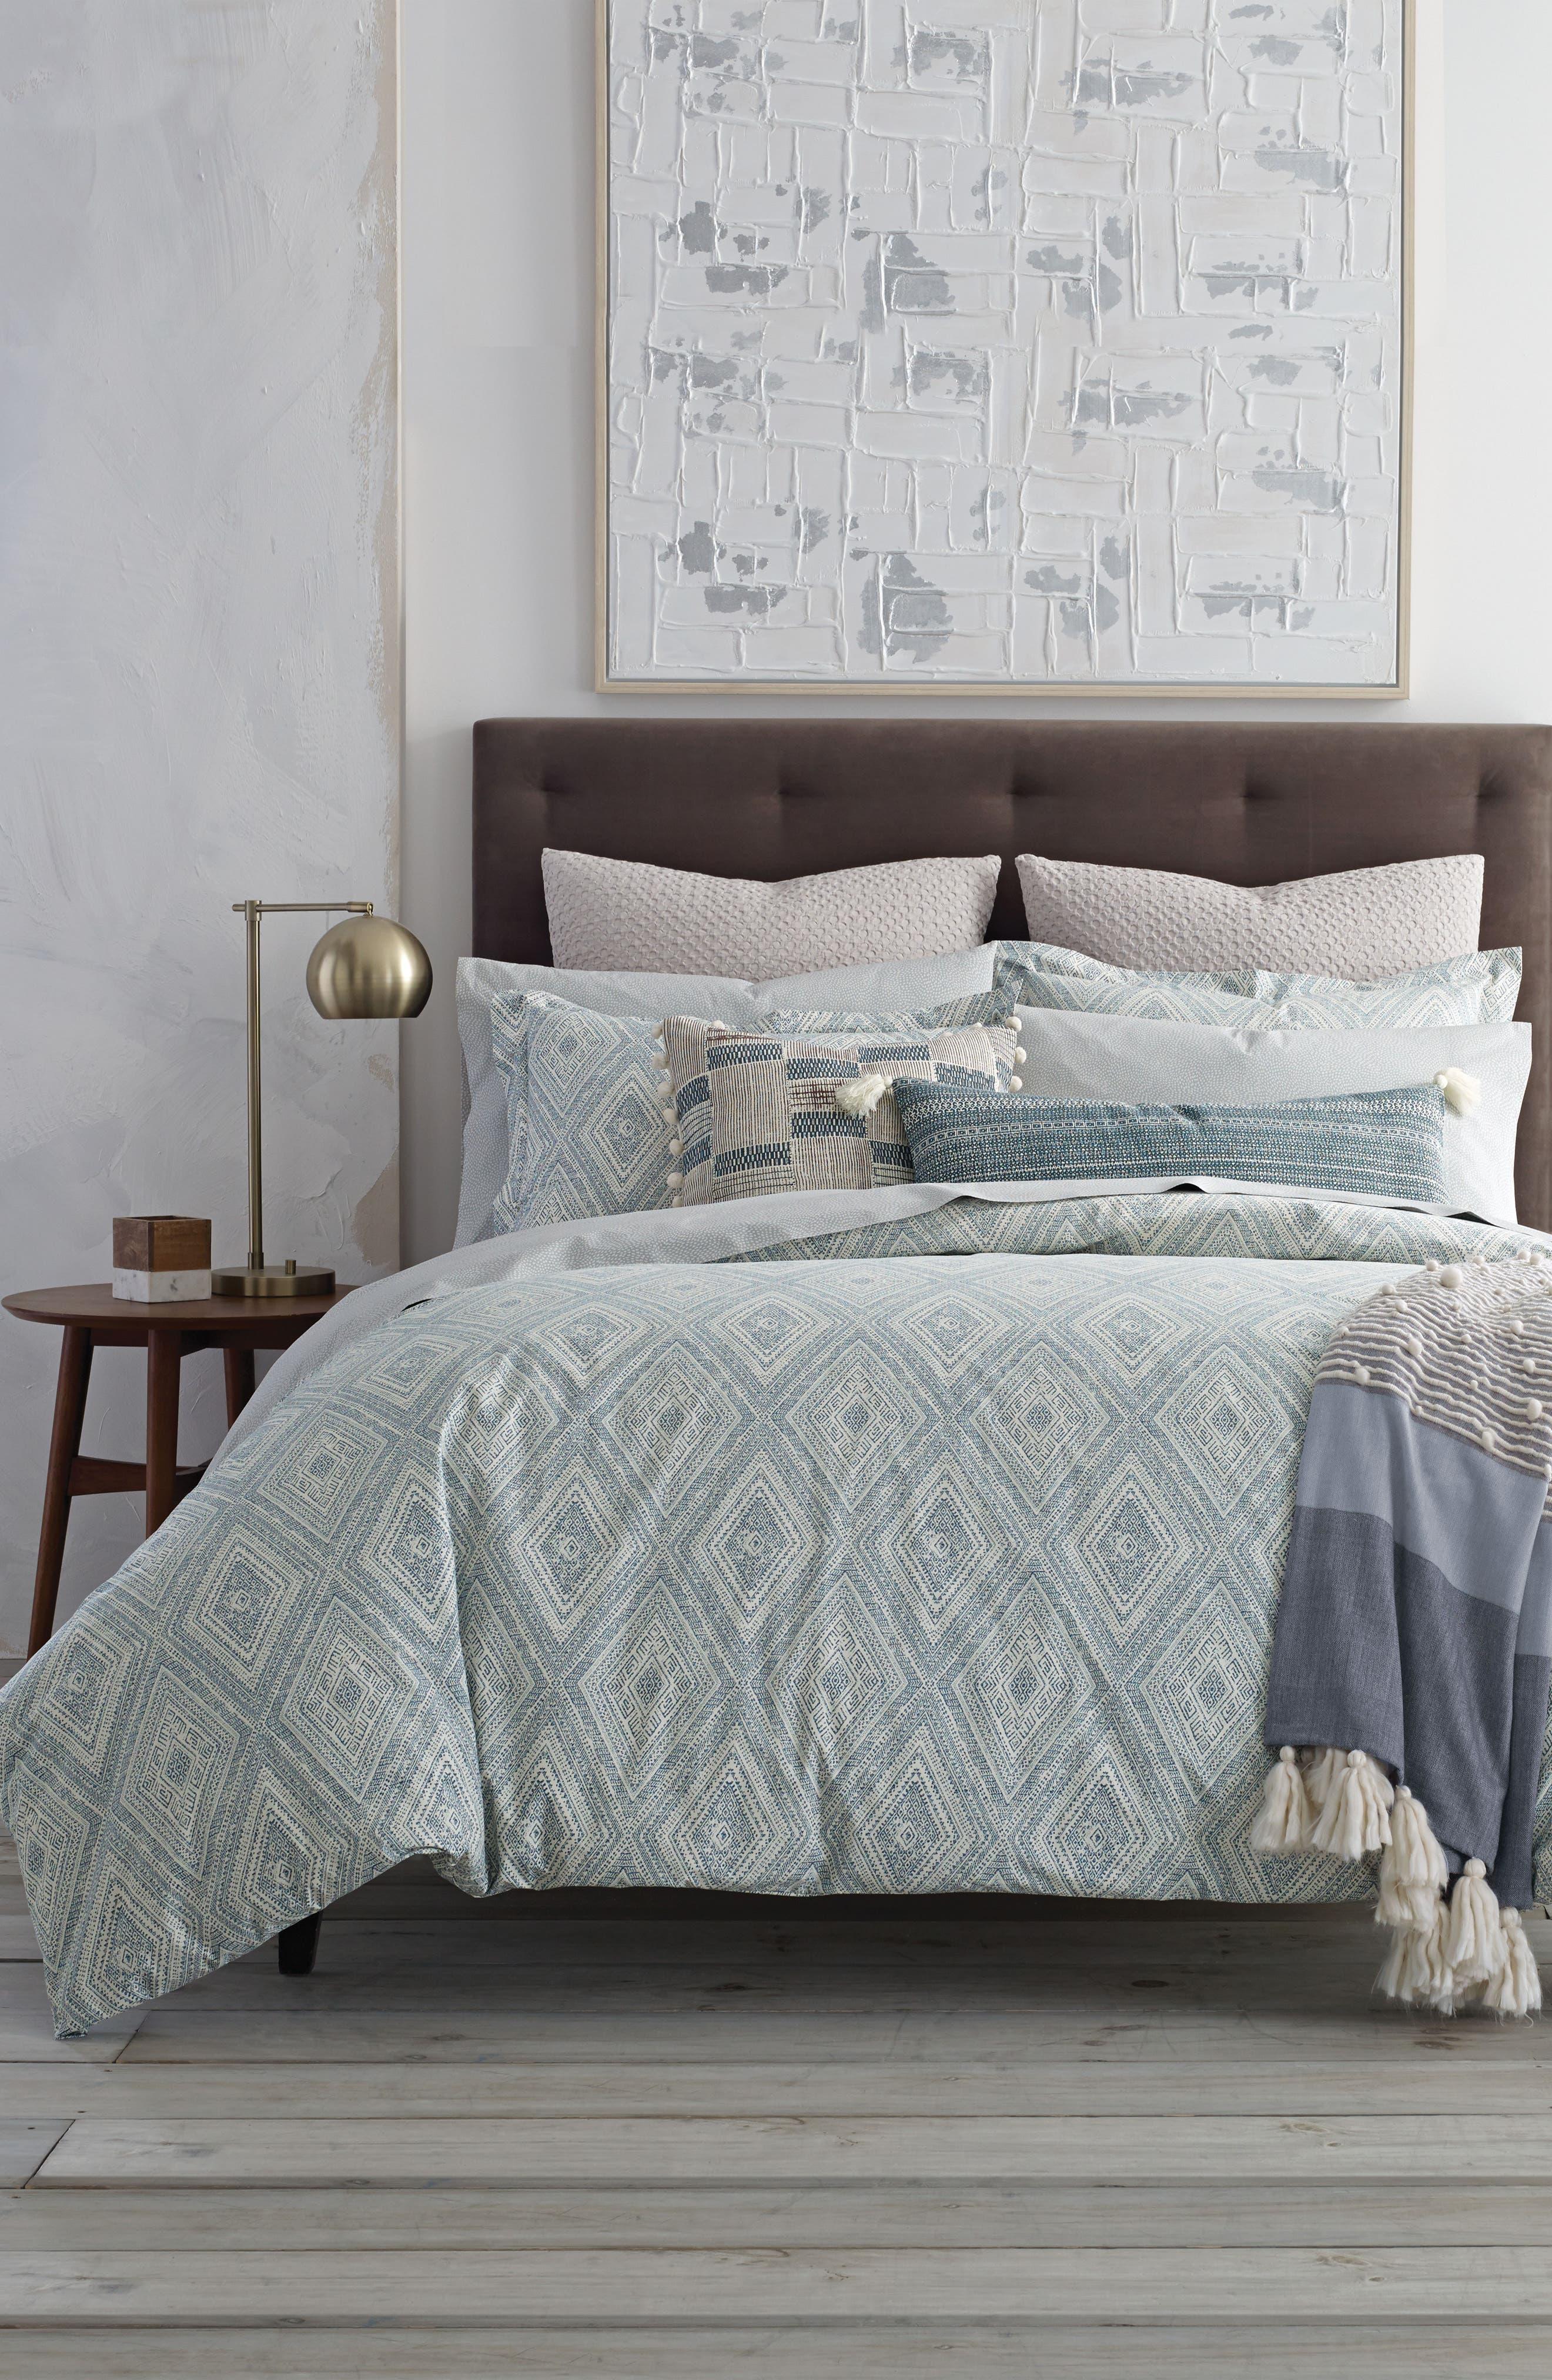 Caspiane 200 Thread Count Comforter,                         Main,                         color, Turquoise/ Aqua